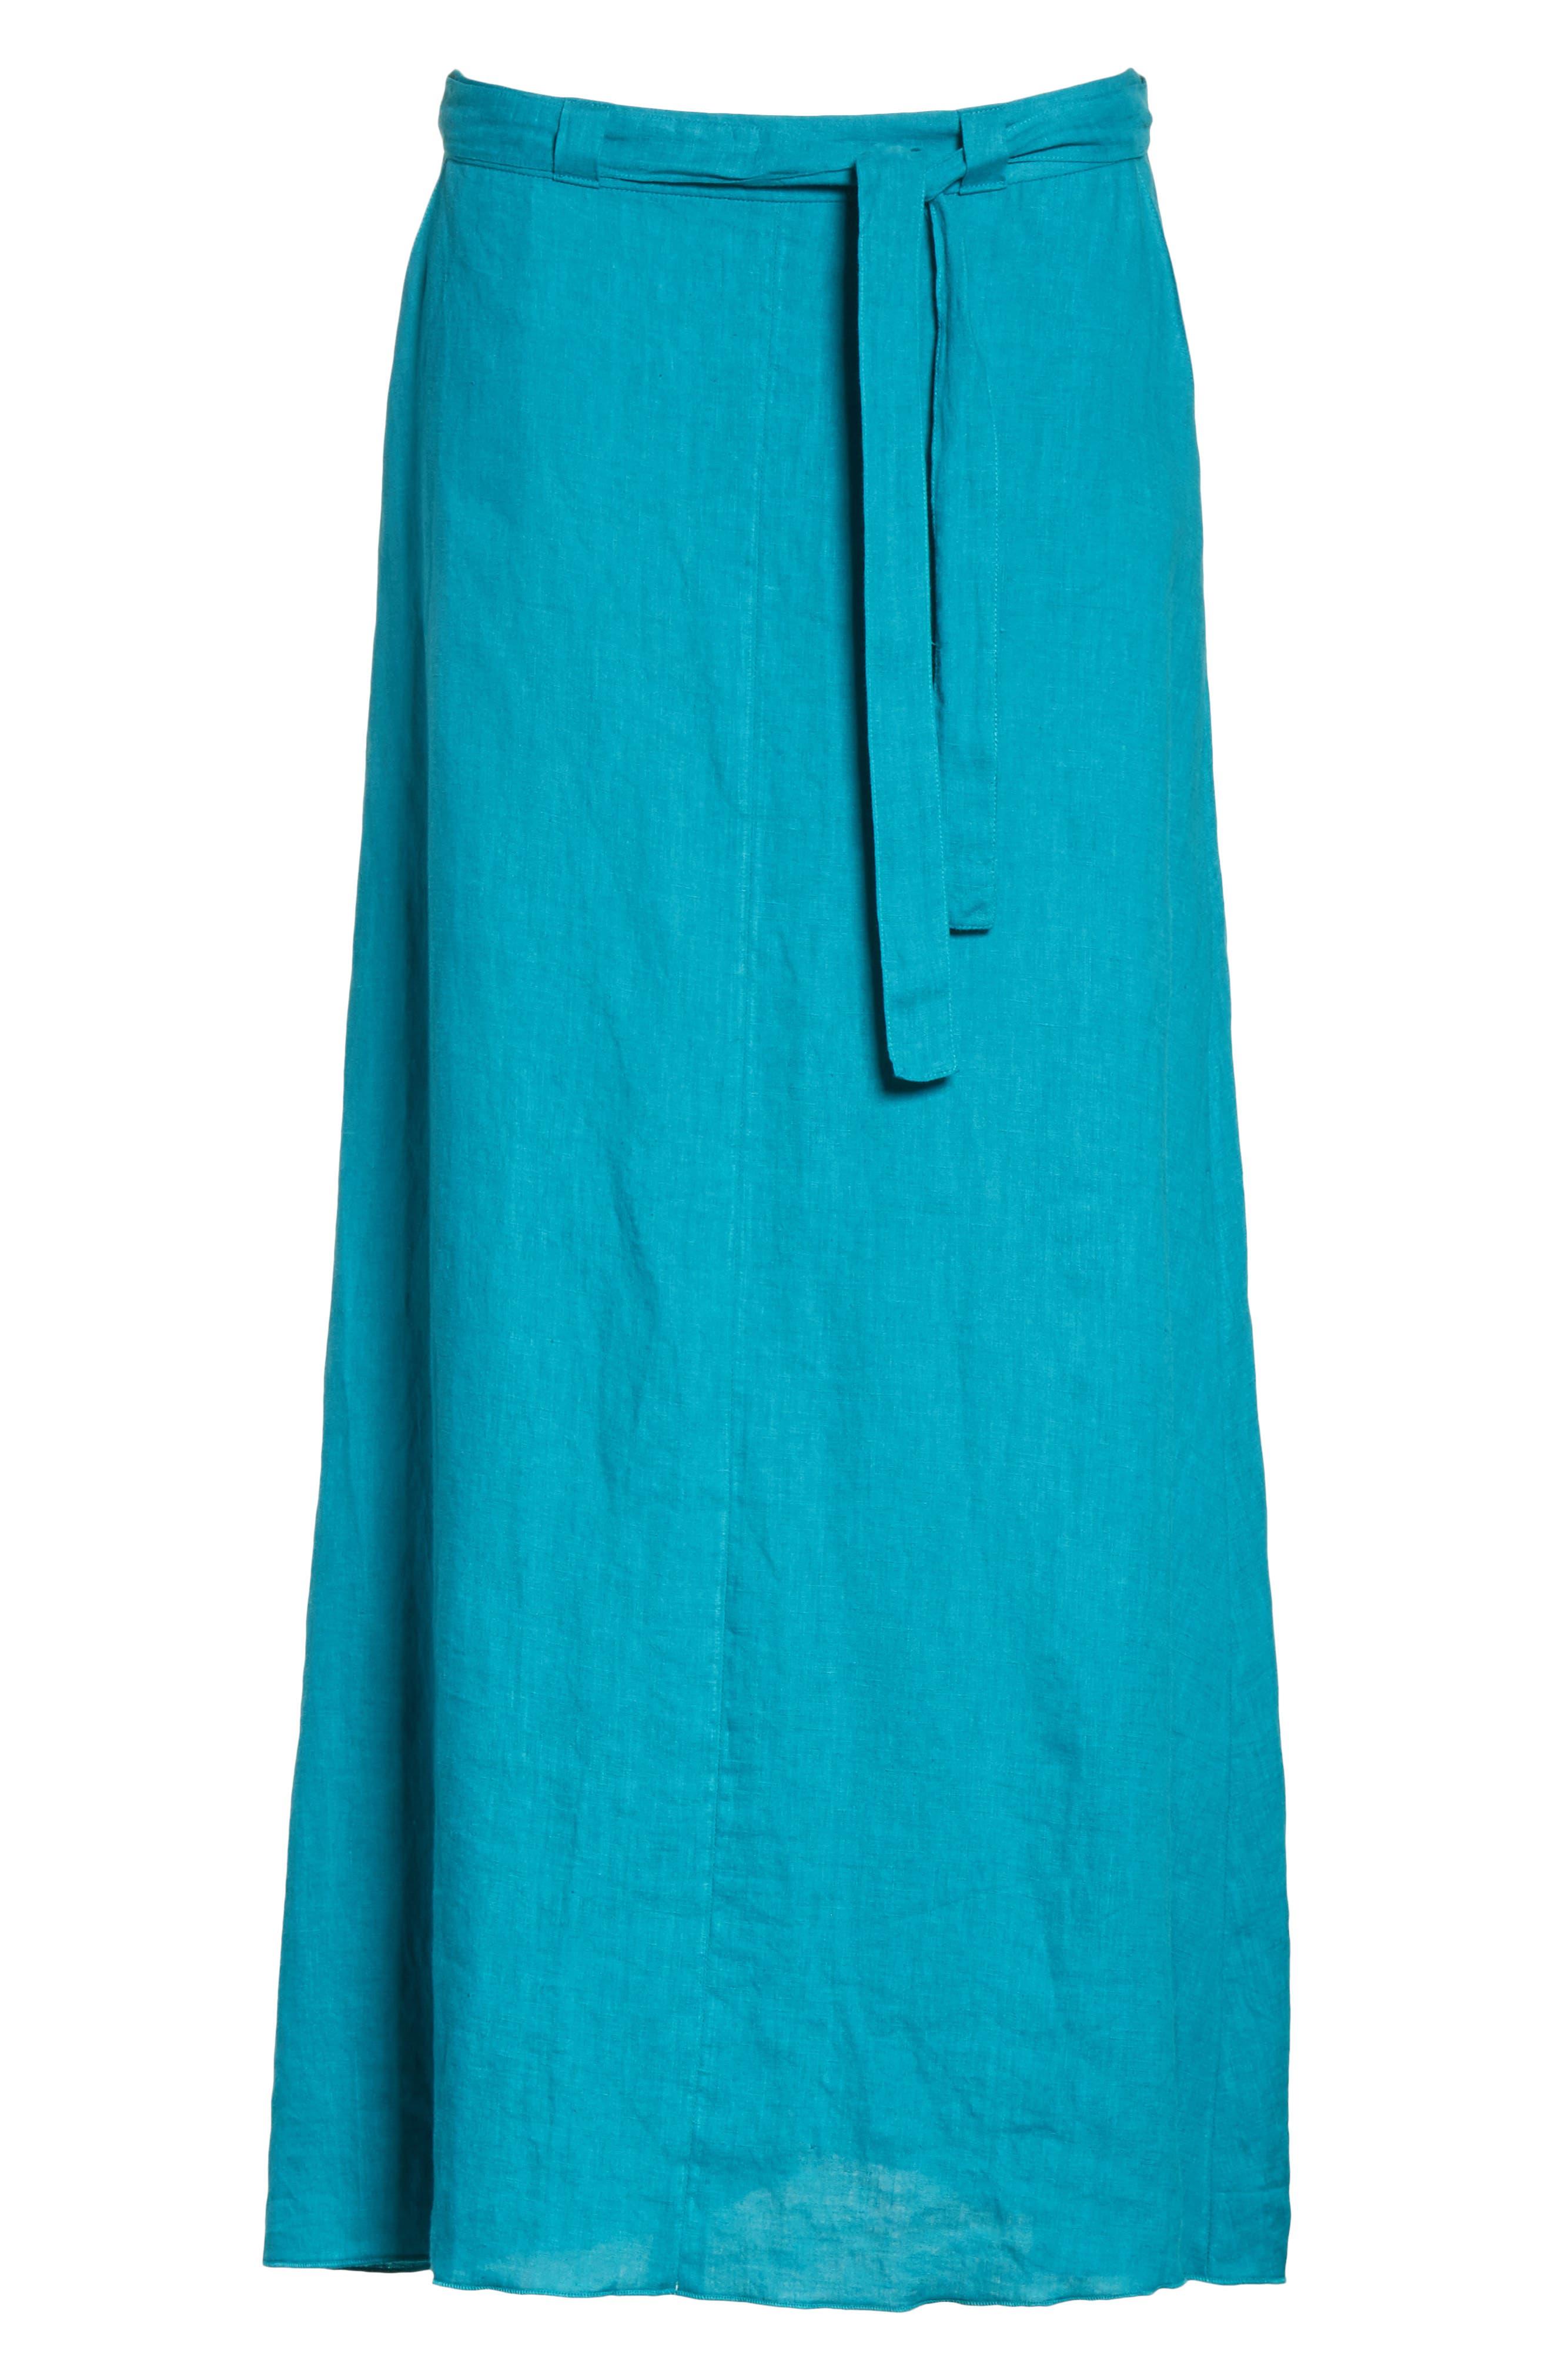 Delta Tie Waist Linen Skirt,                             Alternate thumbnail 6, color,                             Peacock